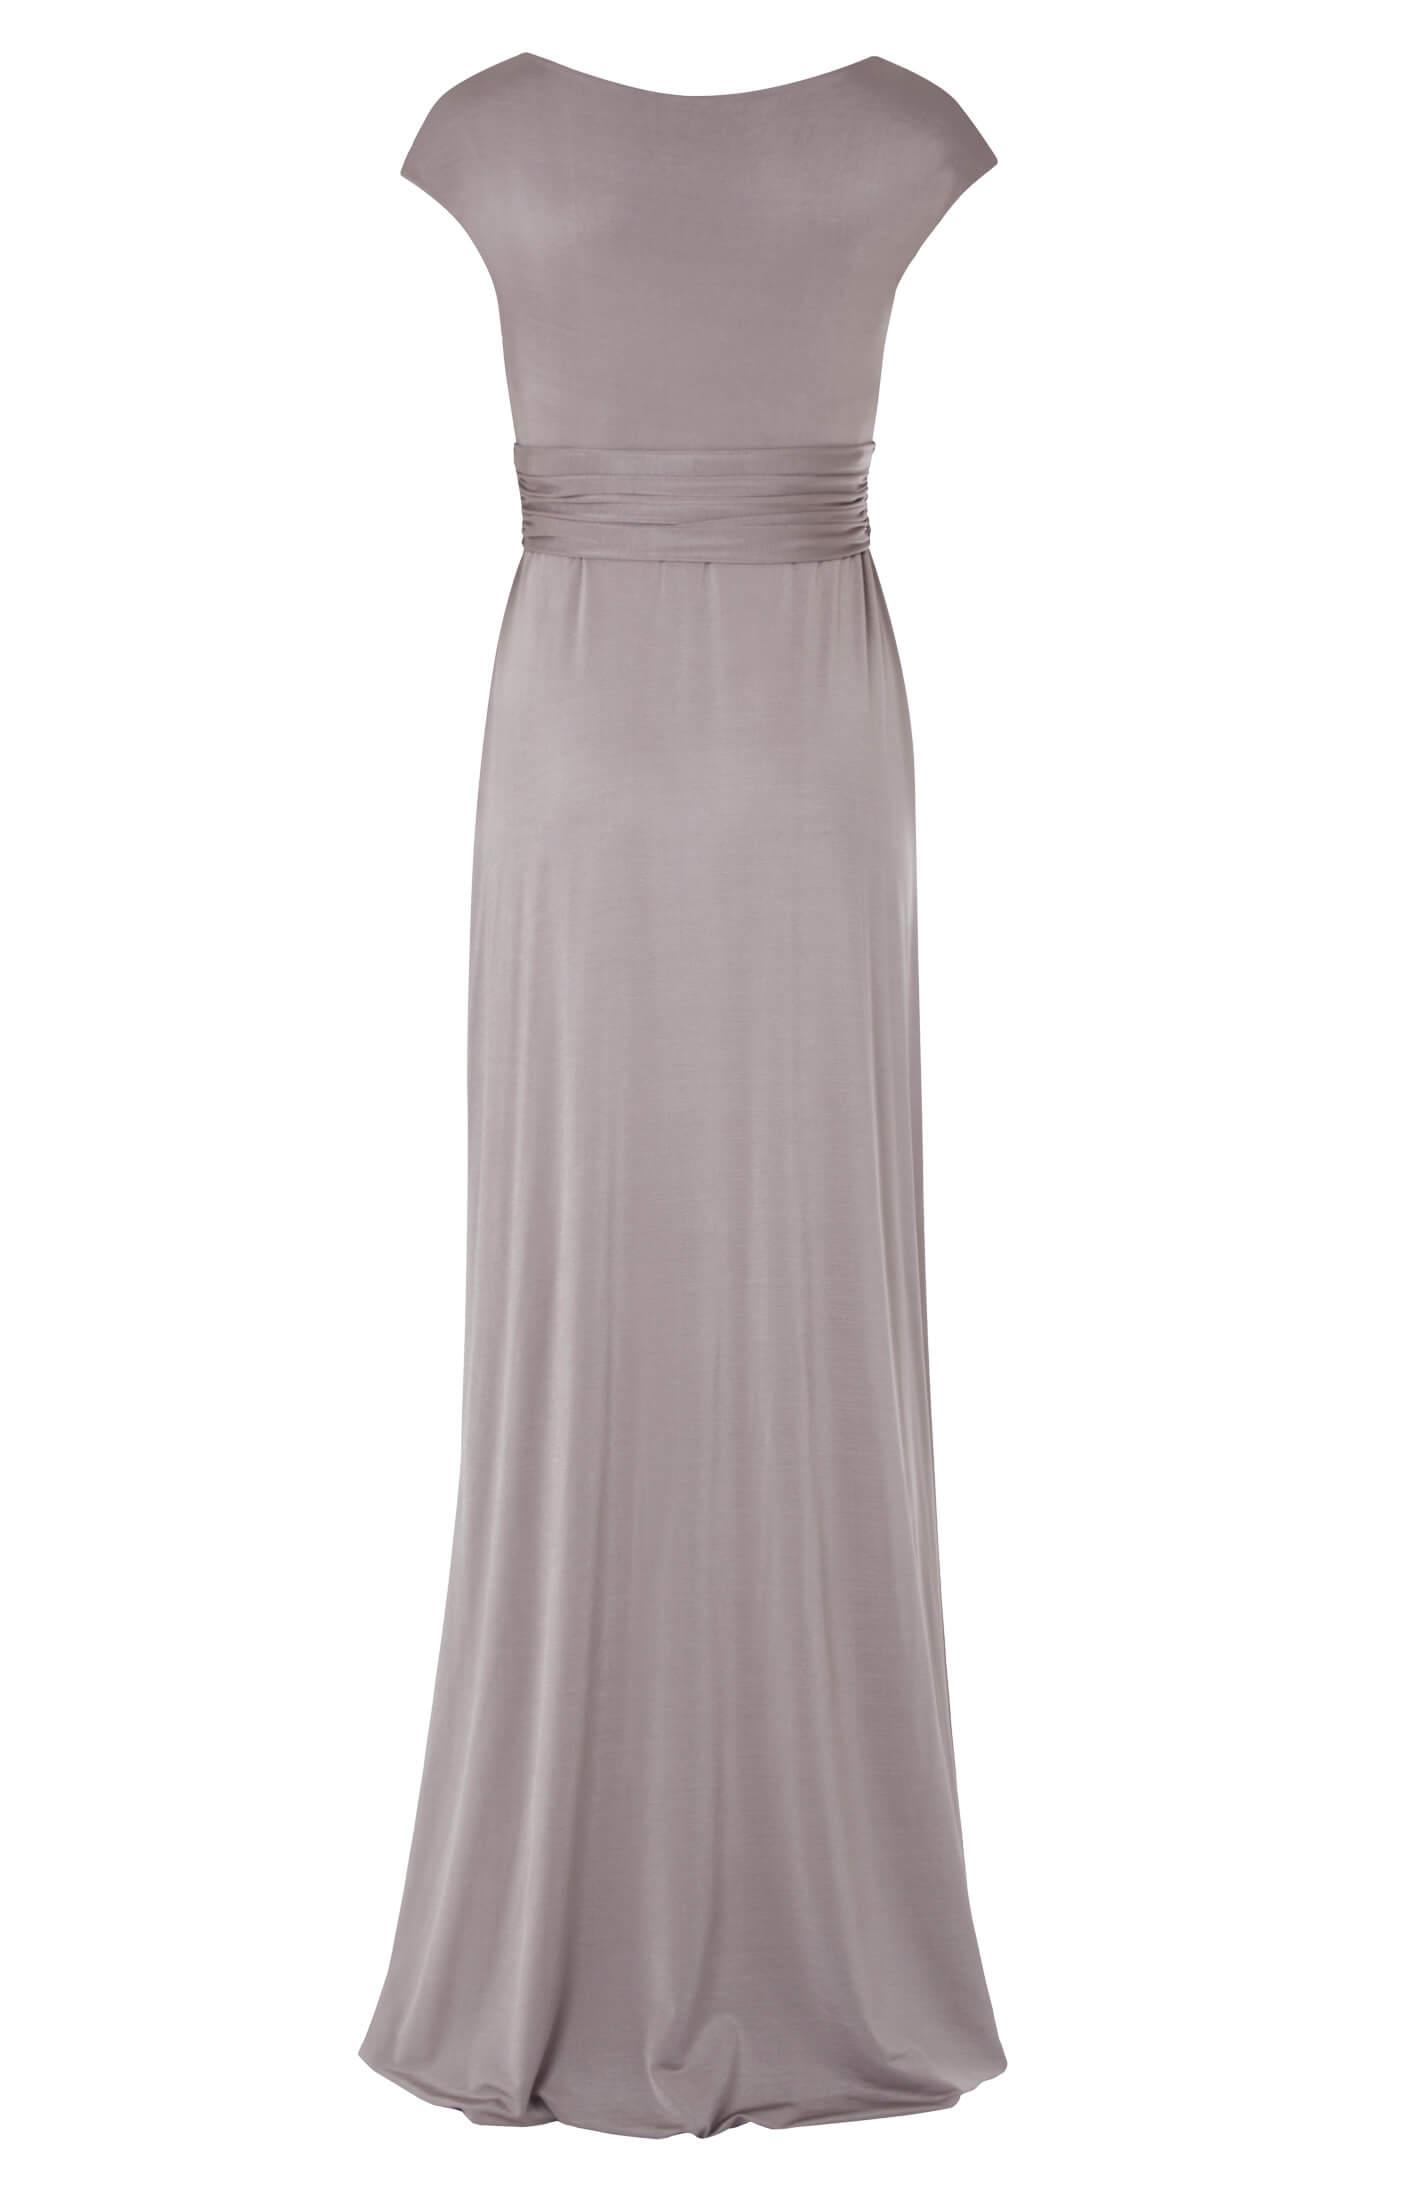 Niedlich Hobbs Party Dresses Bilder - Brautkleider Ideen - cashingy.info